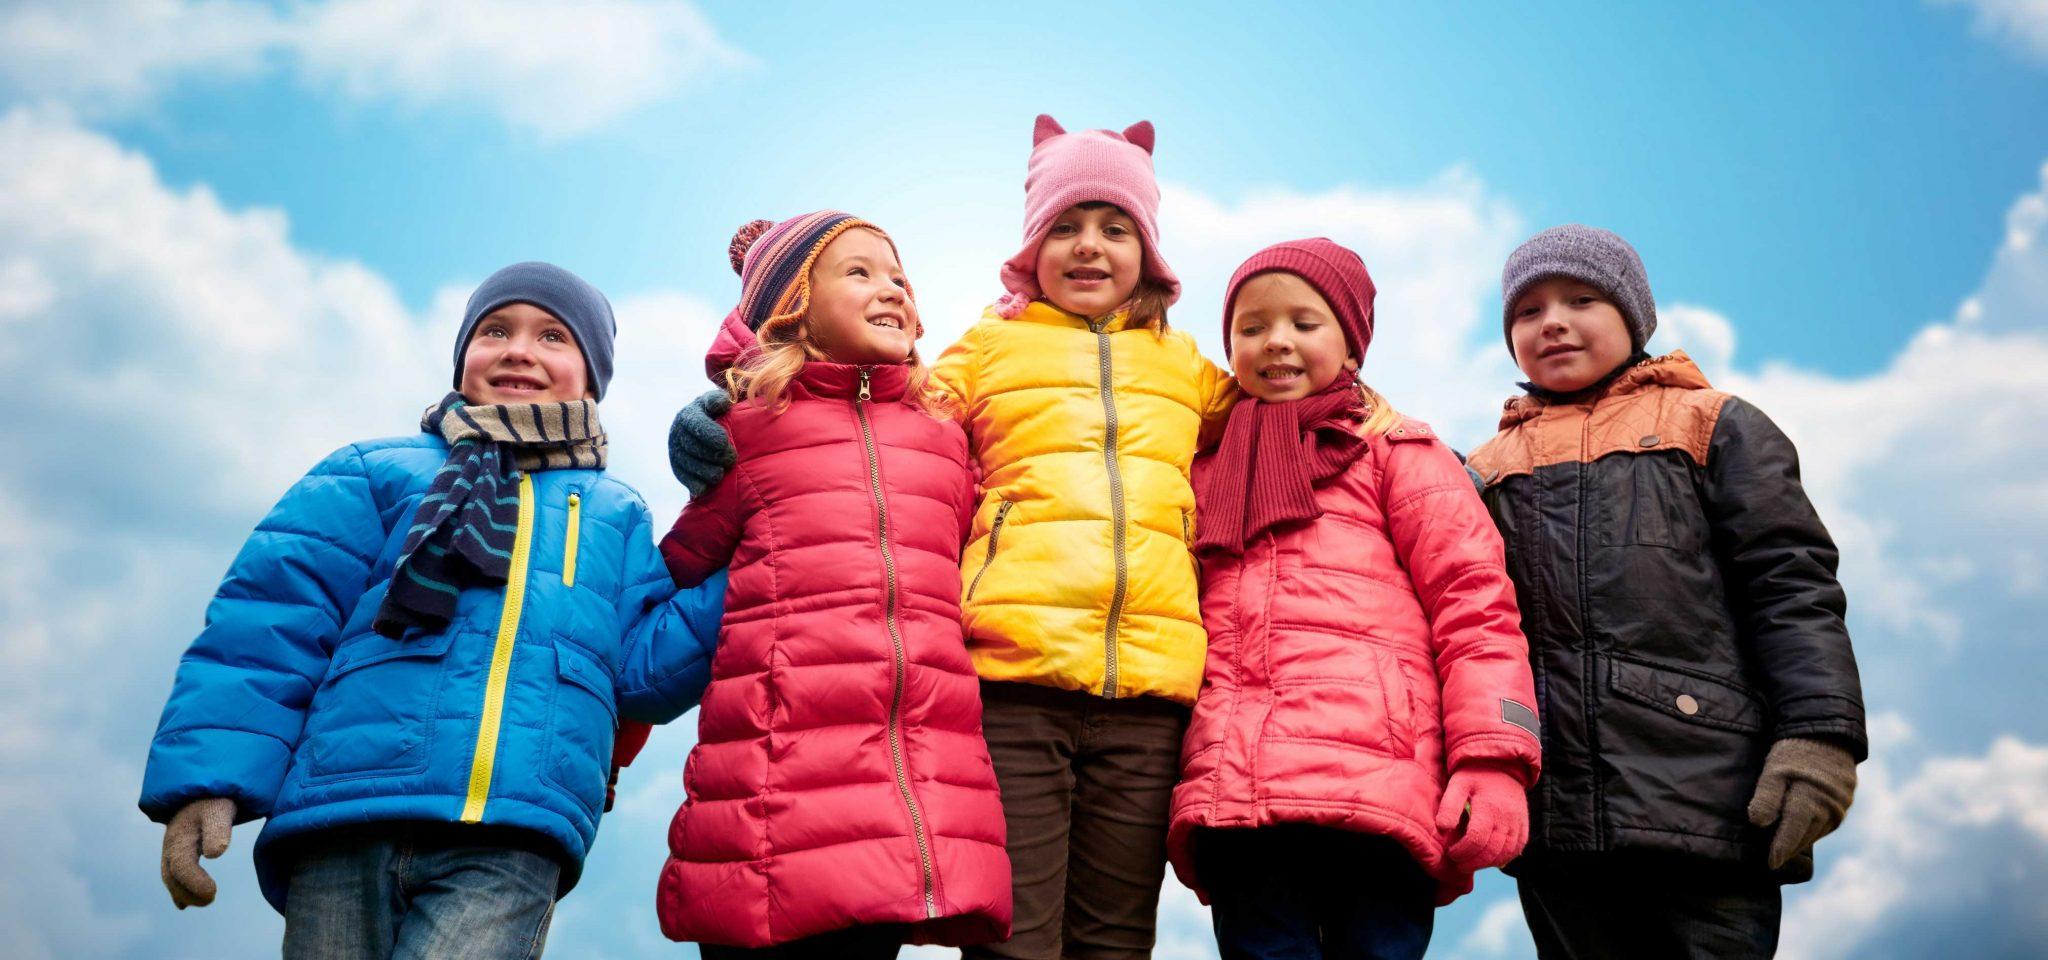 آموزش لباس پوشیدن به فرزندتان